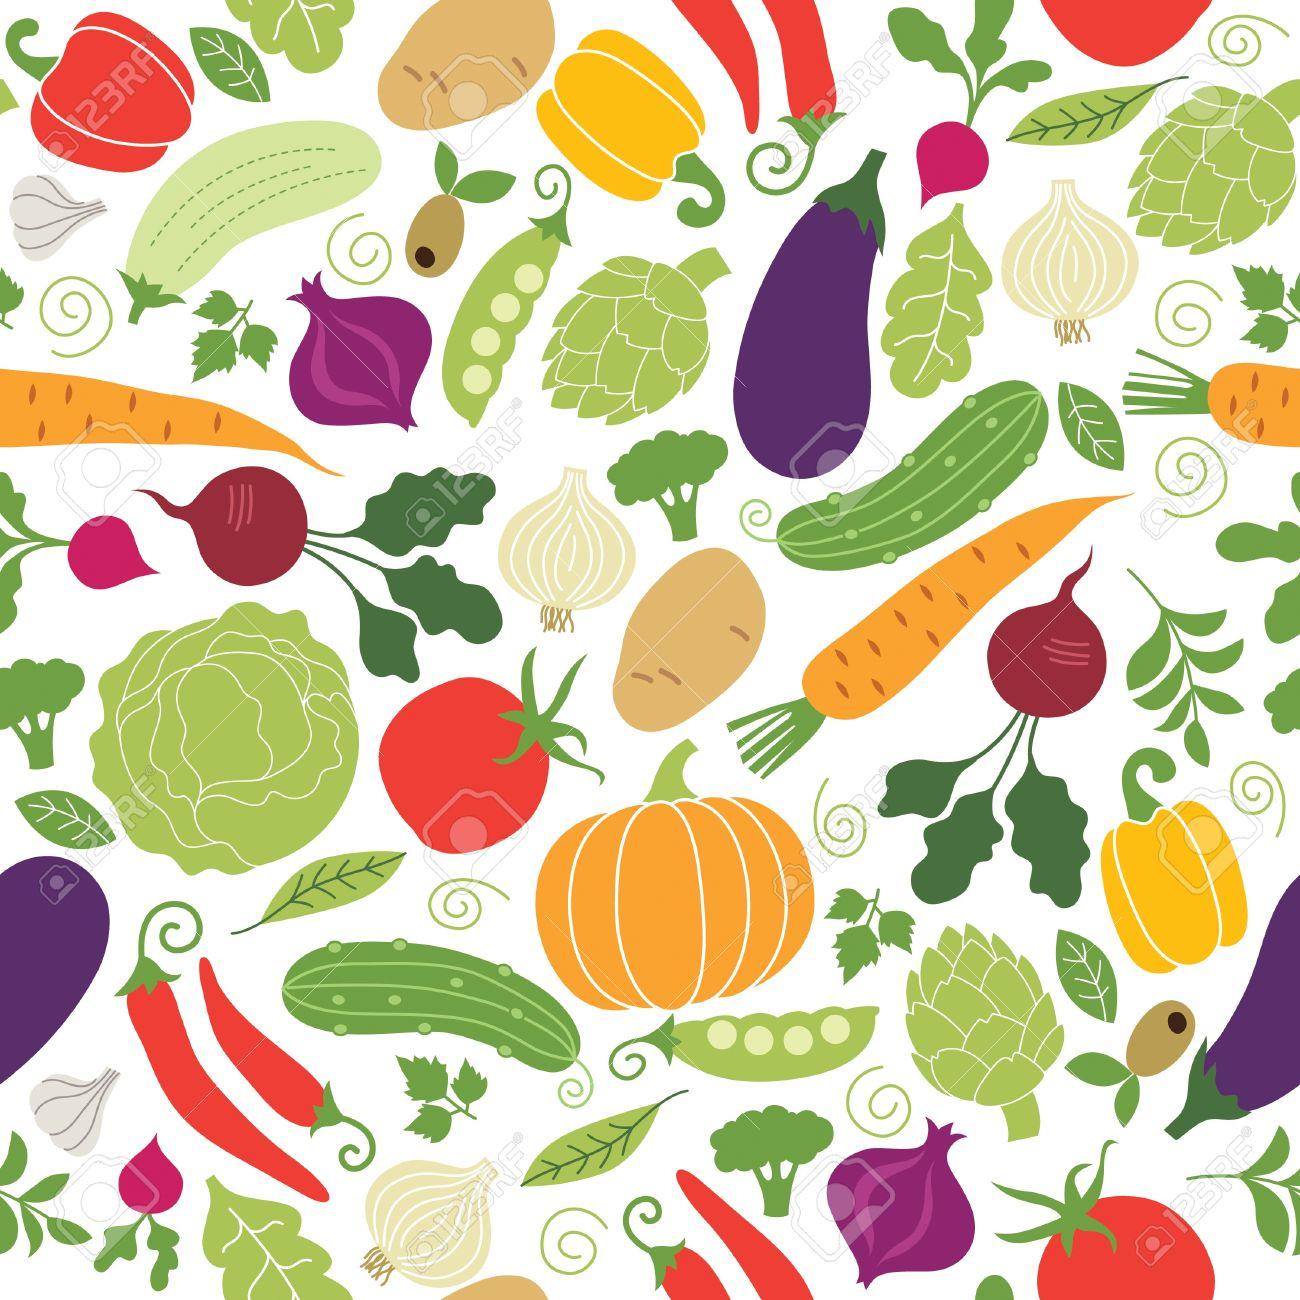 シームレスなパターン野菜イラストのイラスト素材ベクタ Image